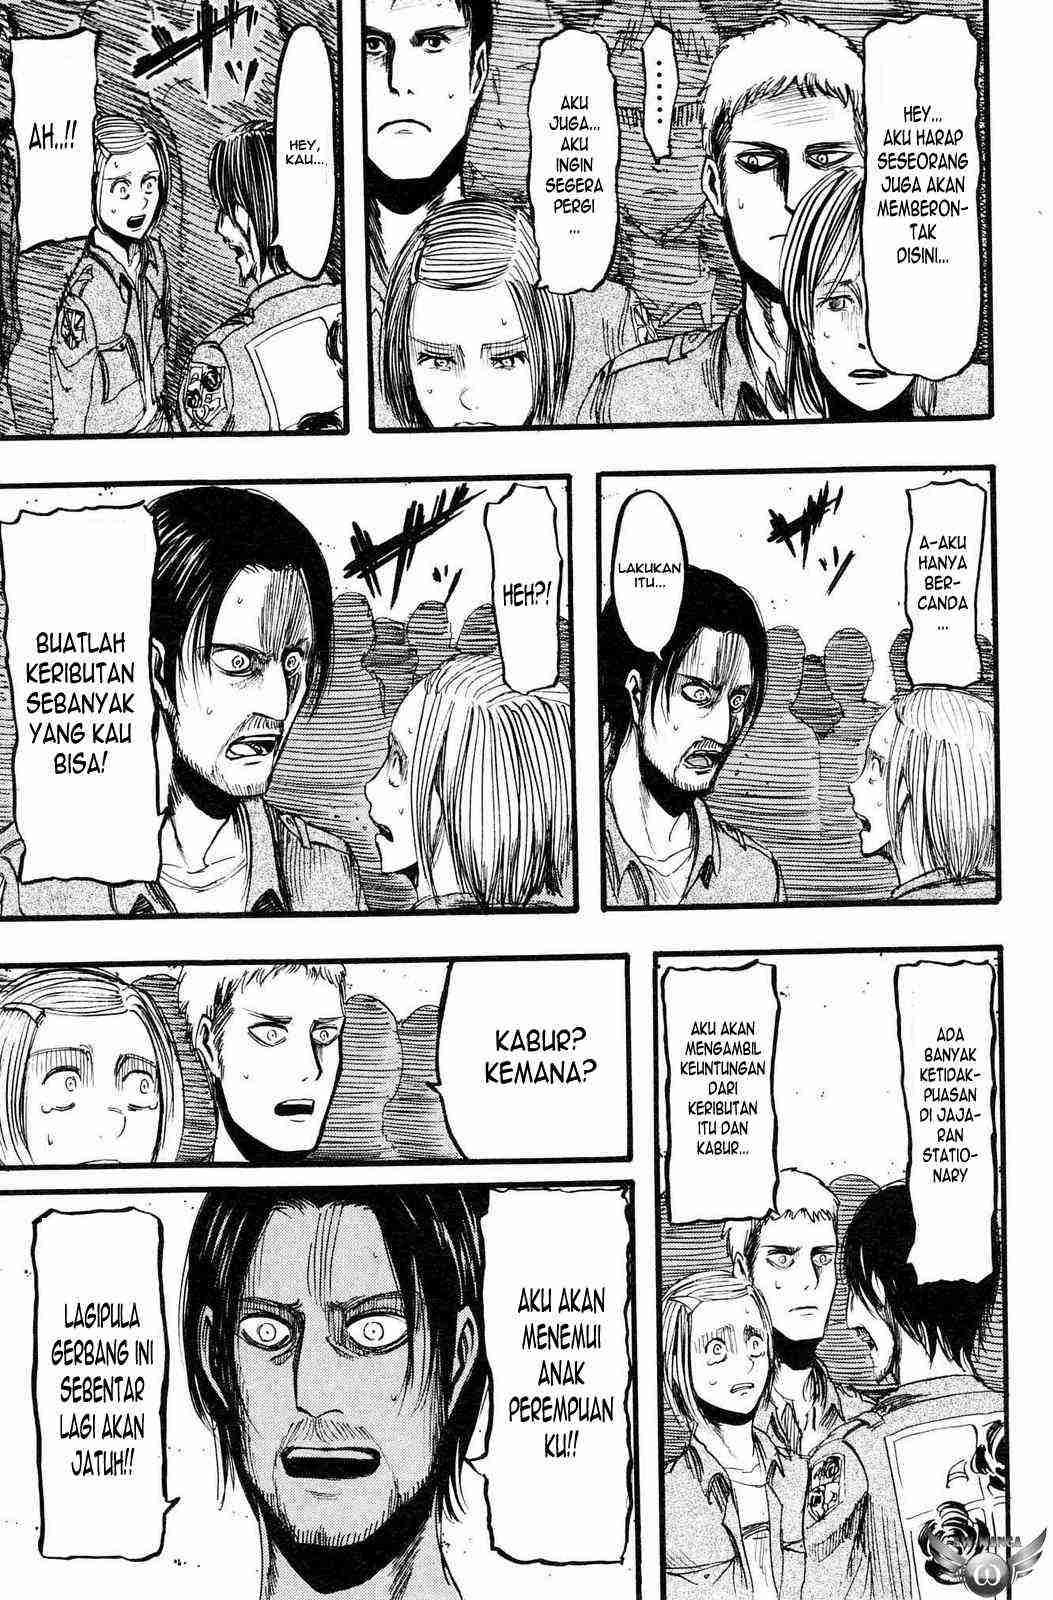 Komik shingeki no kyojin 012 13 Indonesia shingeki no kyojin 012 Terbaru 16|Baca Manga Komik Indonesia|